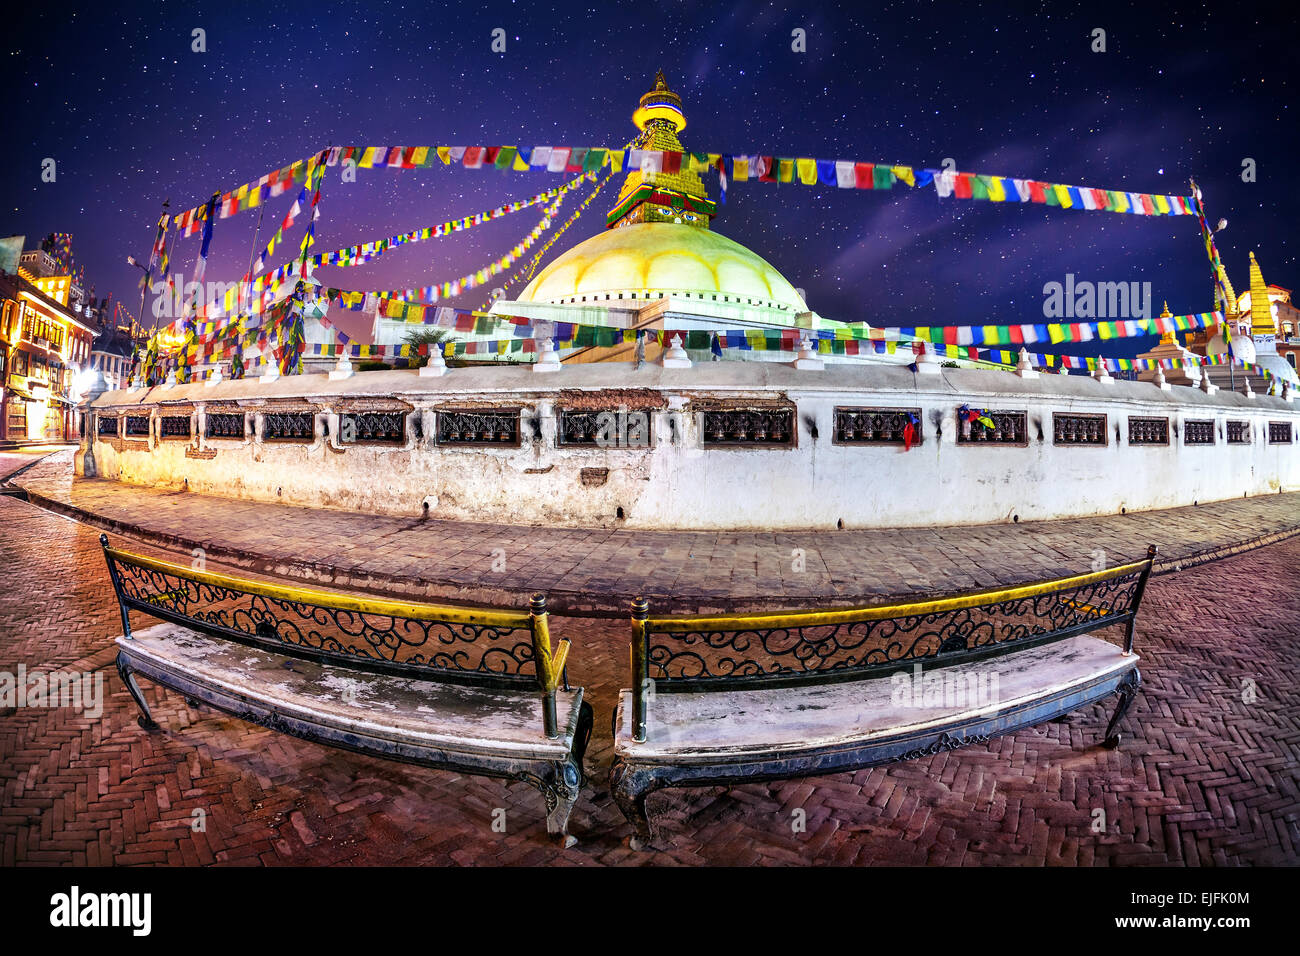 Stupa de Bodhnath au ciel de nuit avec des étoiles dans la vallée de Katmandou, Népal Photo Stock